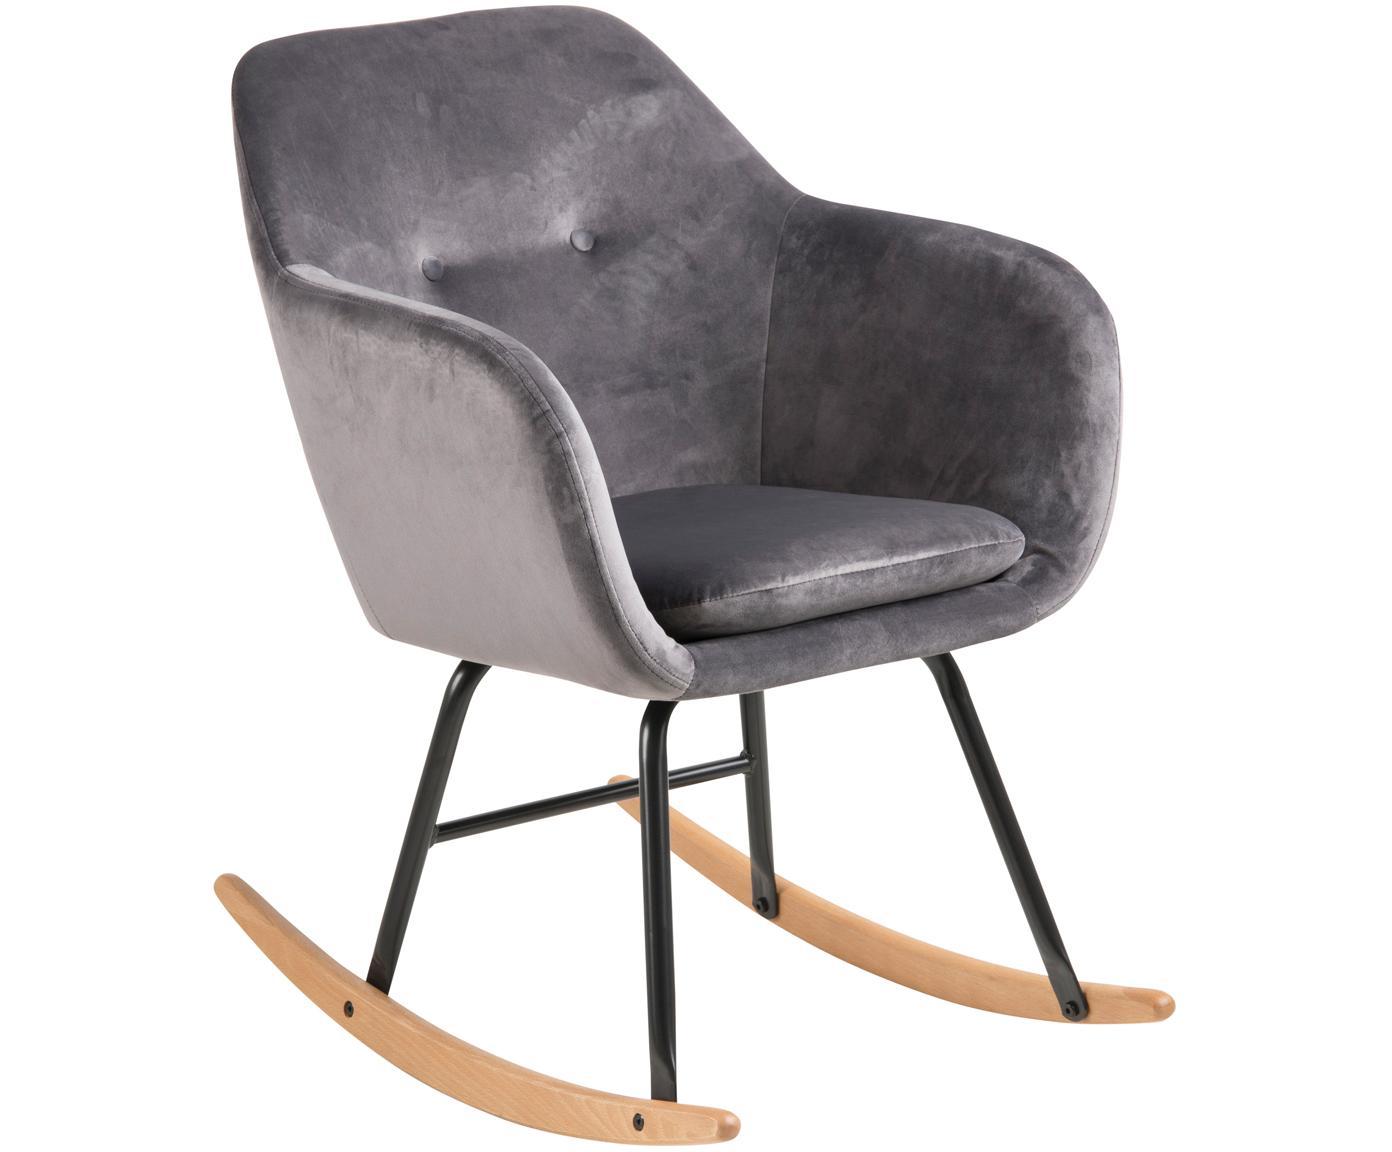 Fluwelen schommelstoel Emilia in grijs, Bekleding: polyester (fluweel), Poten: gepoedercoat metaal, Poten: mat zwart. Slede: beukenhout. Bekleding: grijs, 57 x 81 cm